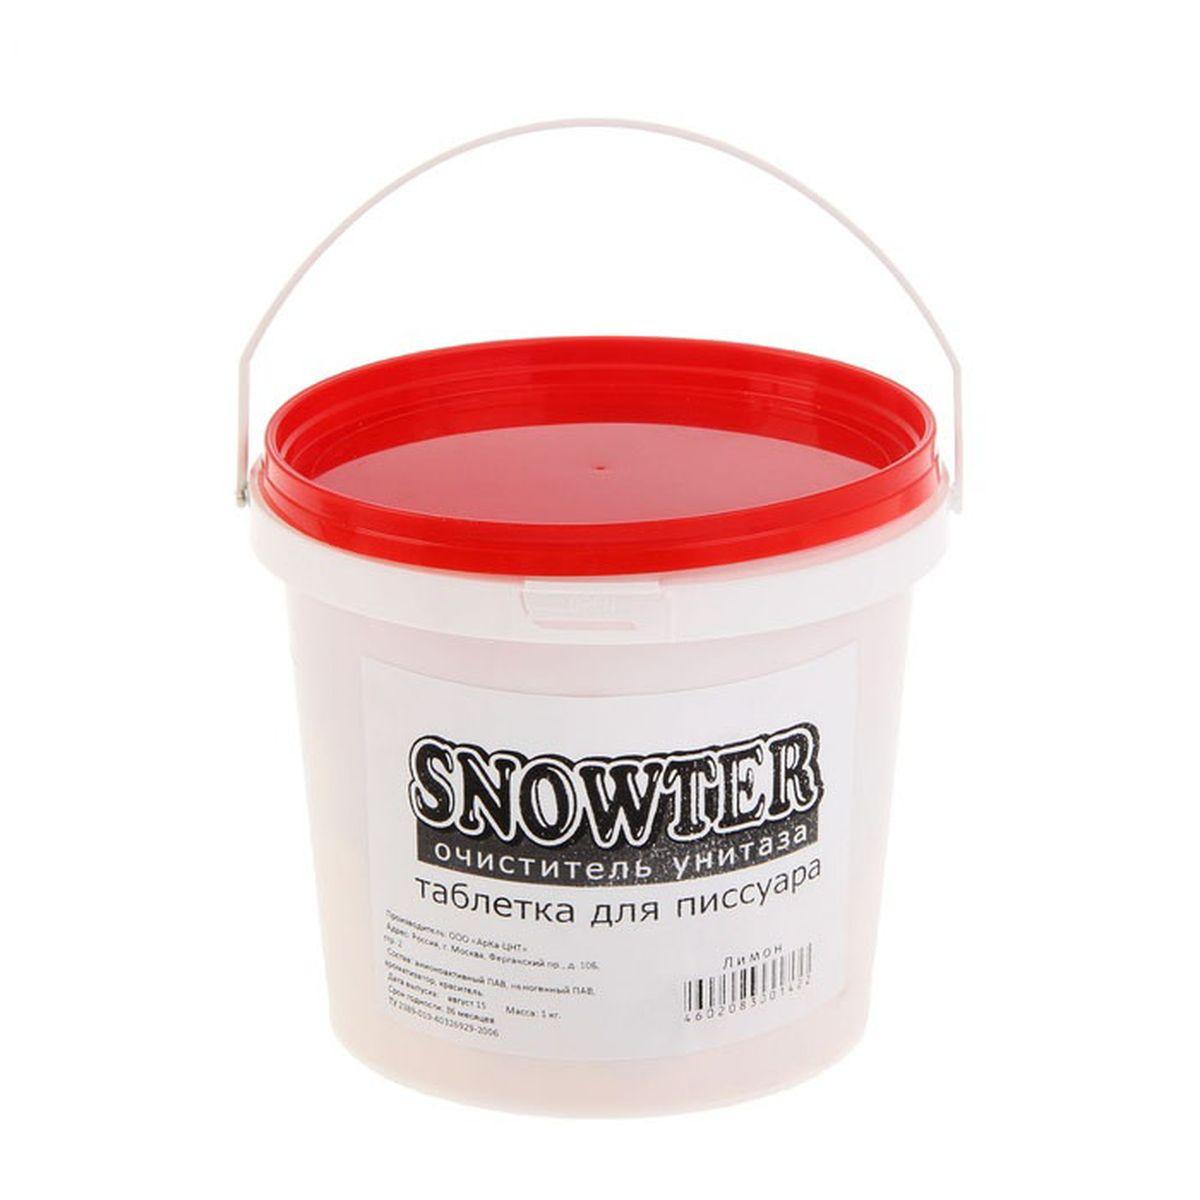 Специальное чистящее средство для писсуаров Snowter , ведро 1 кг4602083001422Таблетка для писсуаров Snowter, 1000 гр. - Дезинфицируют сантехнику, устраняют неприятный запах - удаляют каменистый налет и препятствуют его появлению - Очищают не только сами писсуары, но и стенки канализационных труб - Не содержат формальдегидов